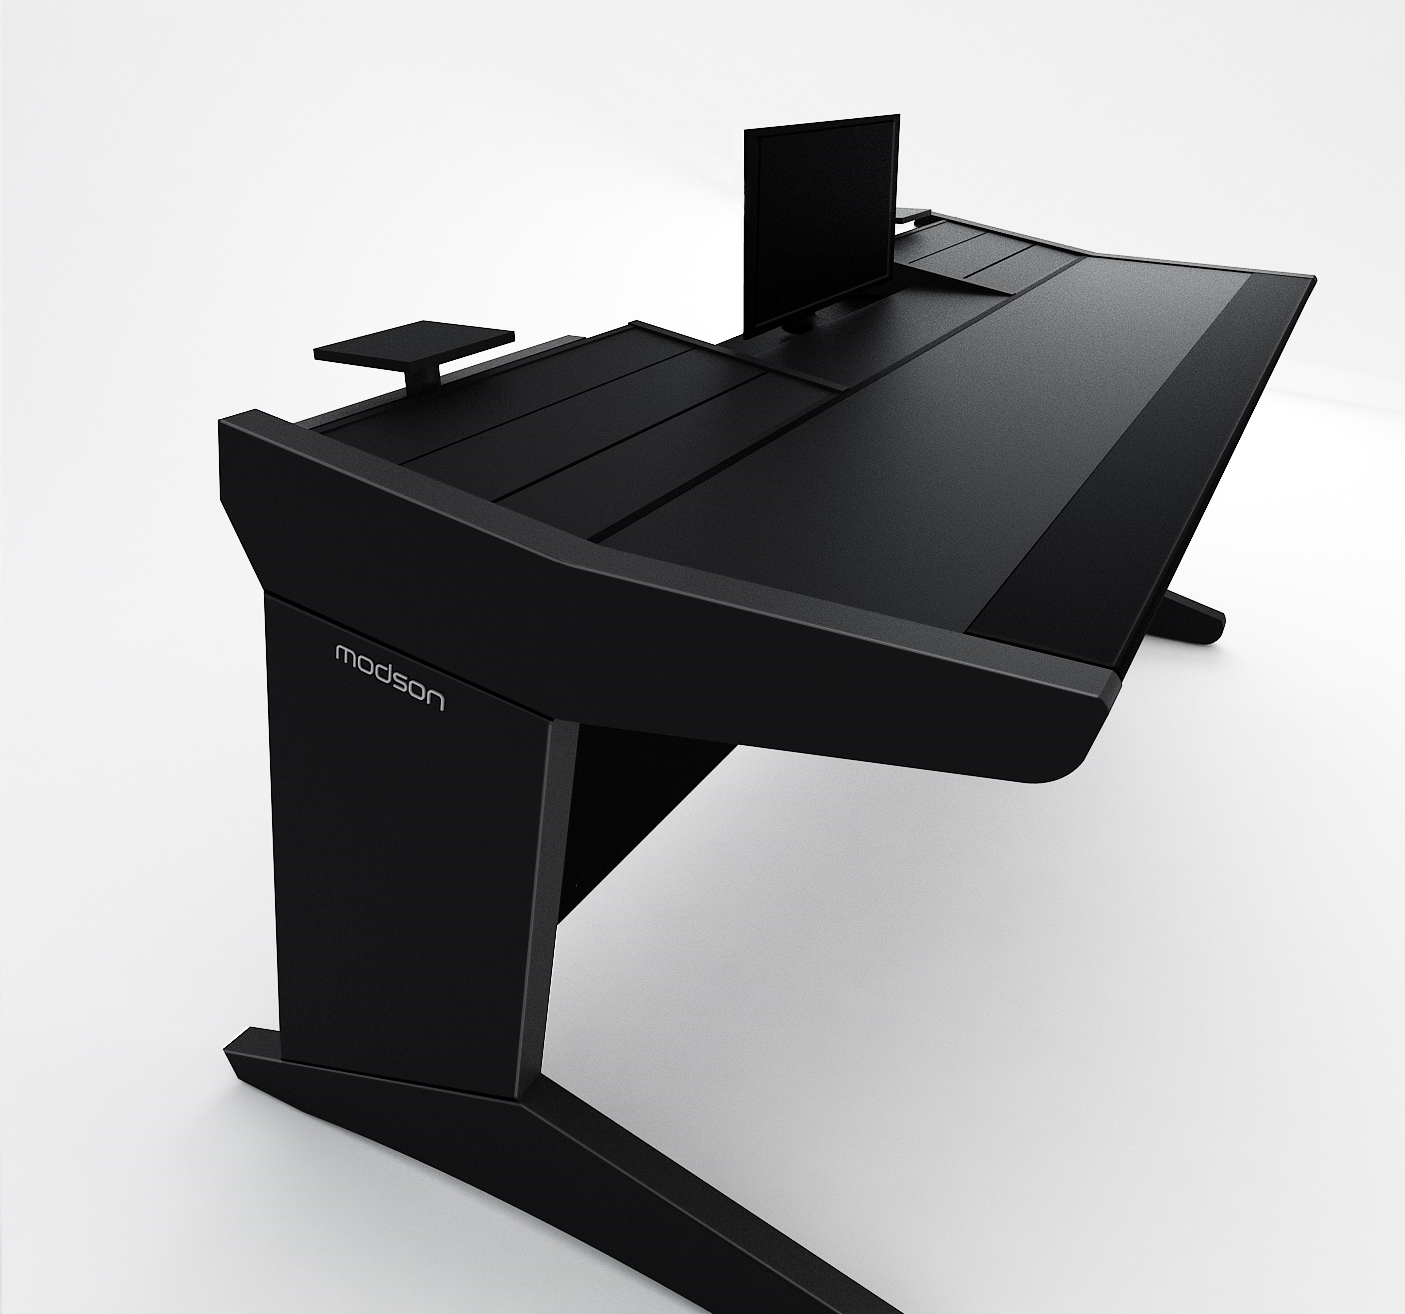 modson xplore 2 0 meuble studio d enregistrement meuble pour studio de mastering